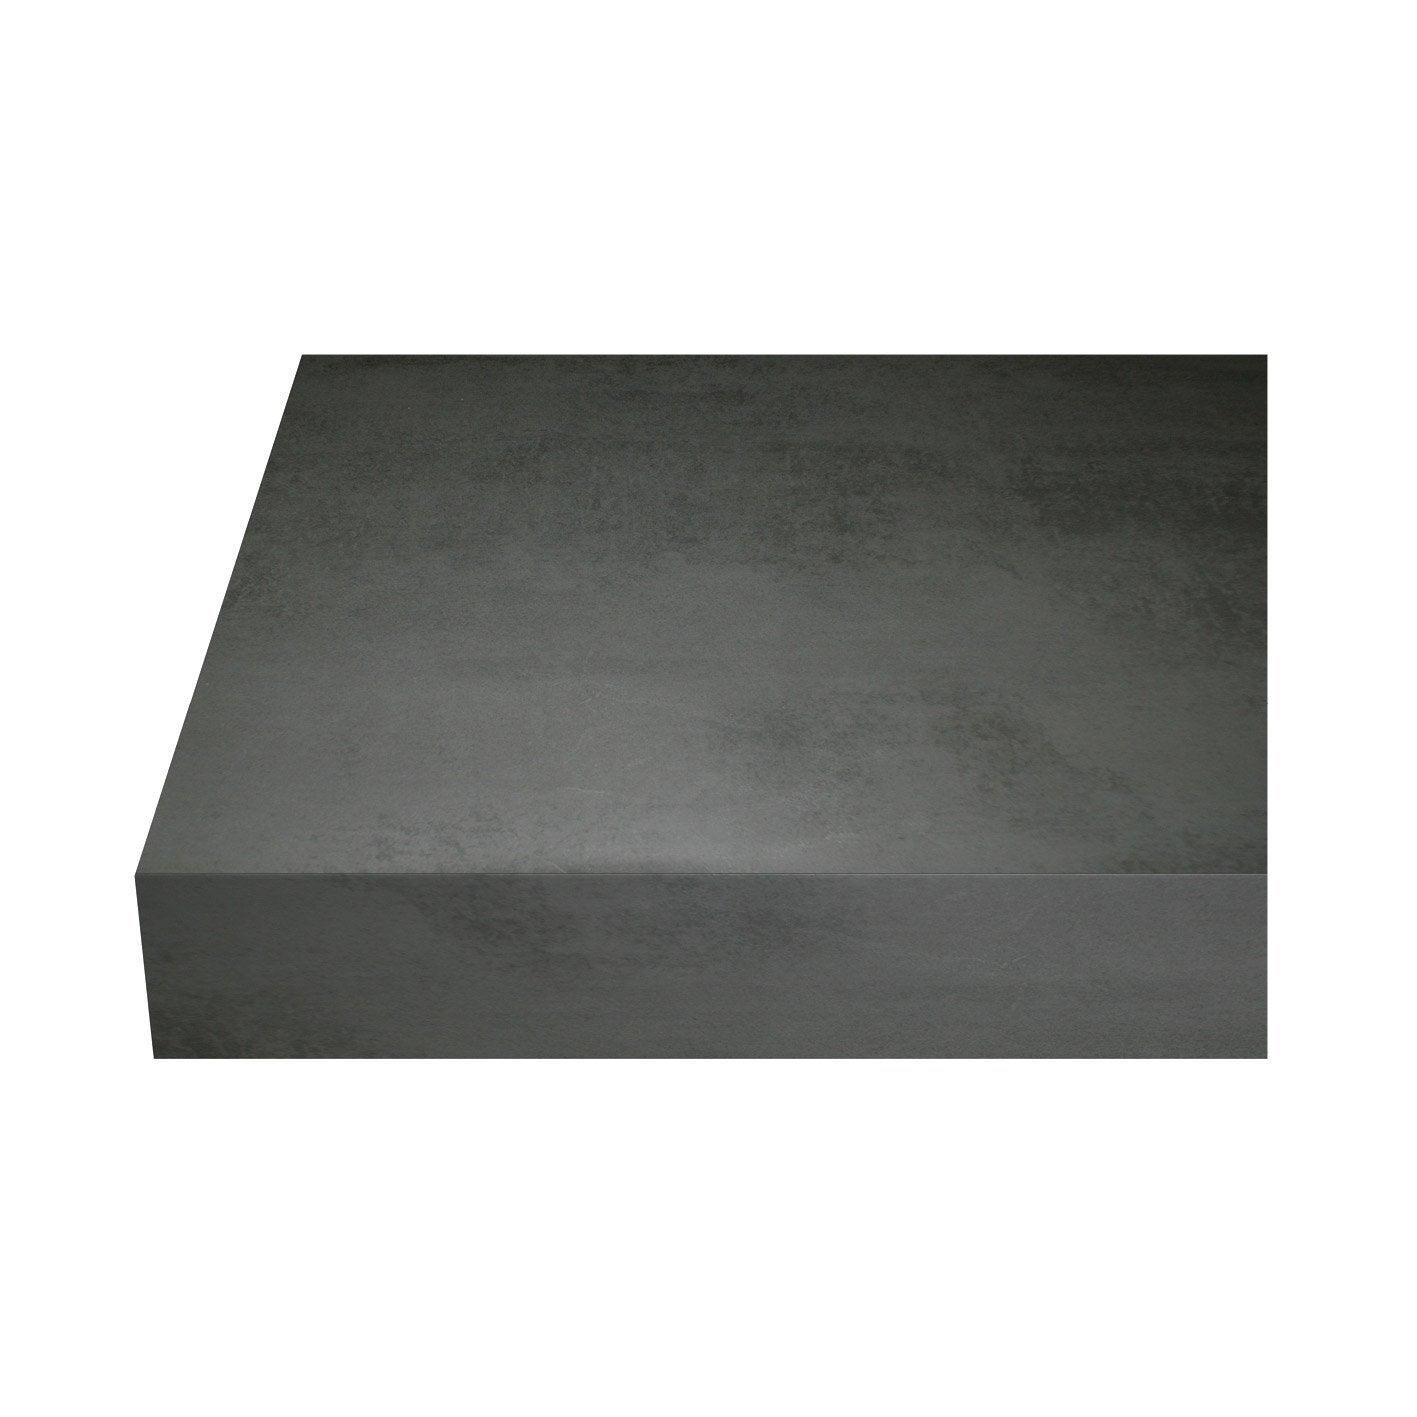 plan de travail stratifié beton cire fonce mat l.315 x p.65 cm, ep